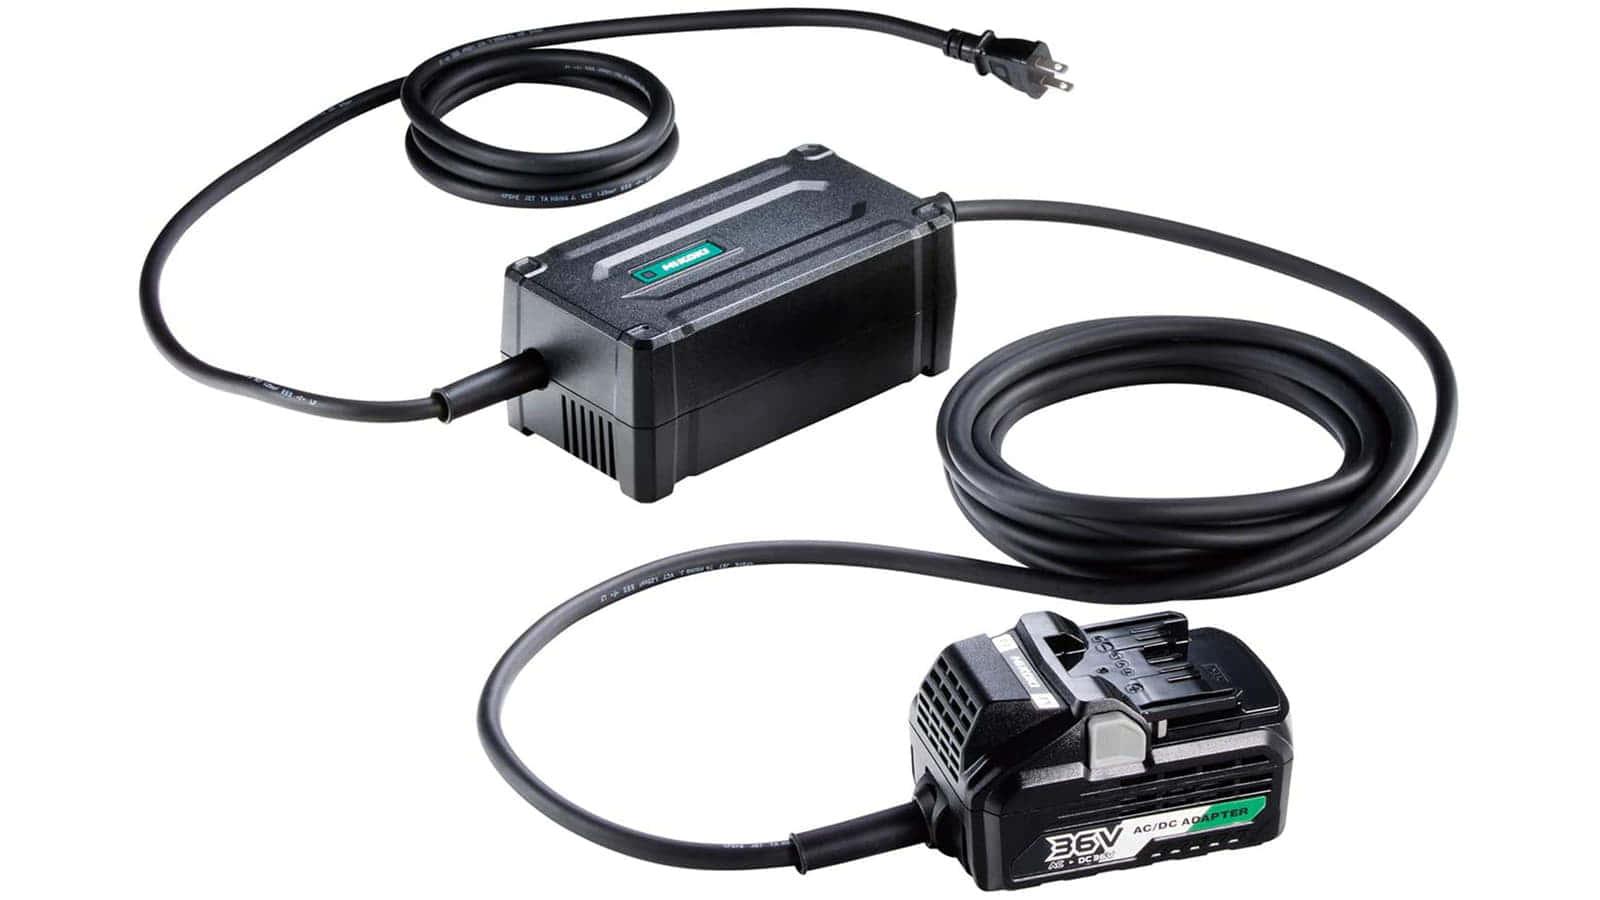 HiKOKI ET36A マルチボルトACアダプタ、コードレス電動工具をコンセントから直接給電